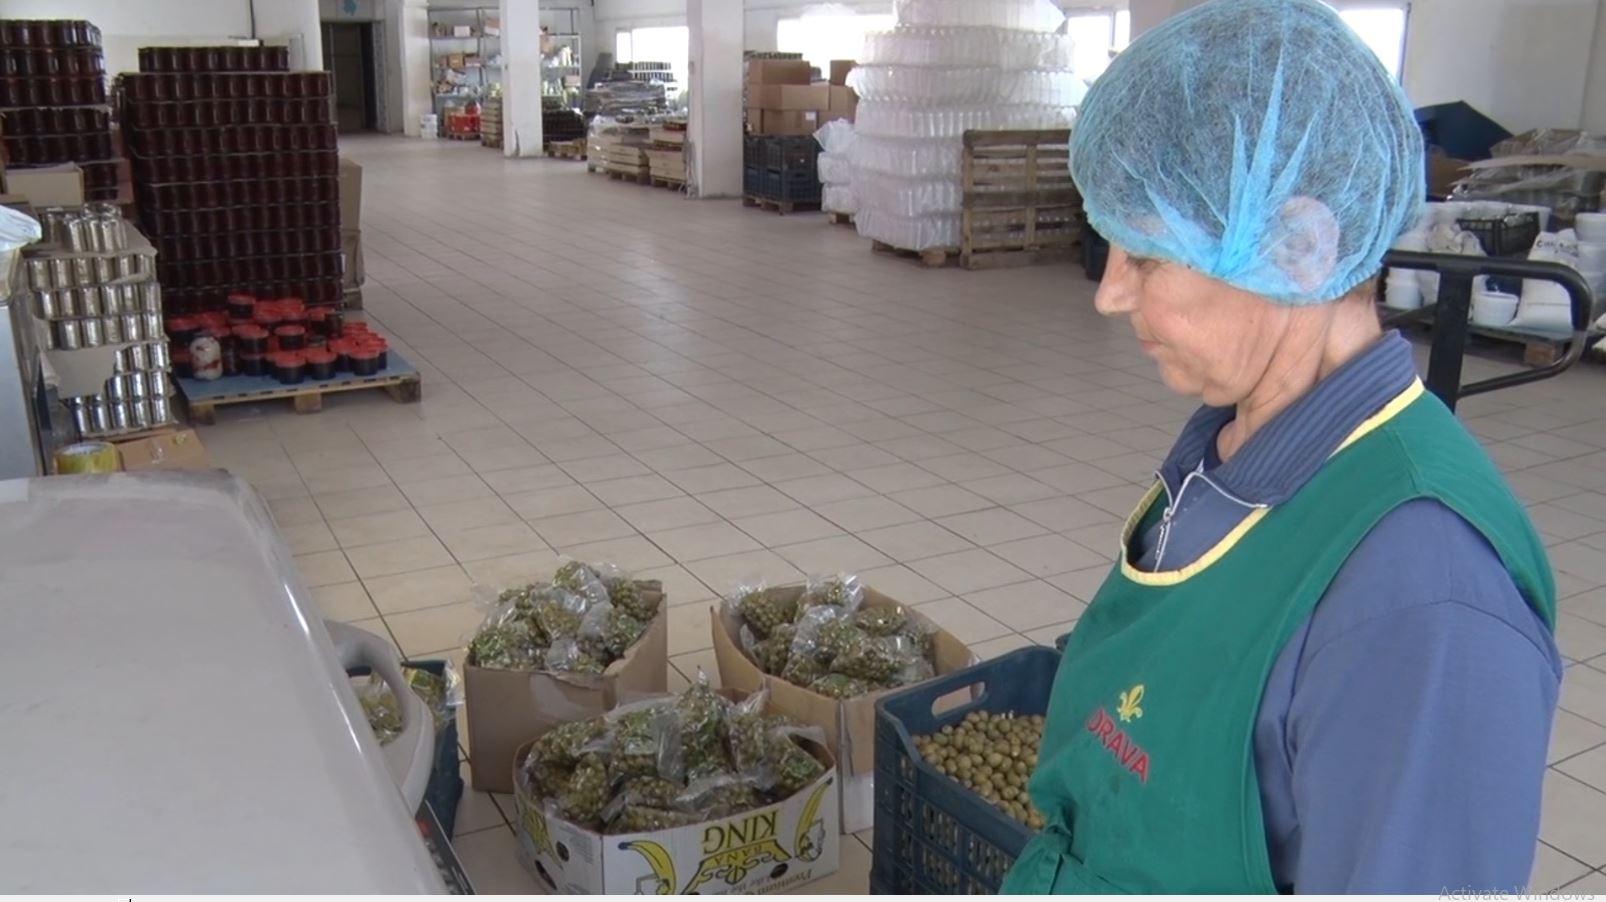 Gratë pa punë në Lushnje, bizneset i kërkojnë me kualifikim